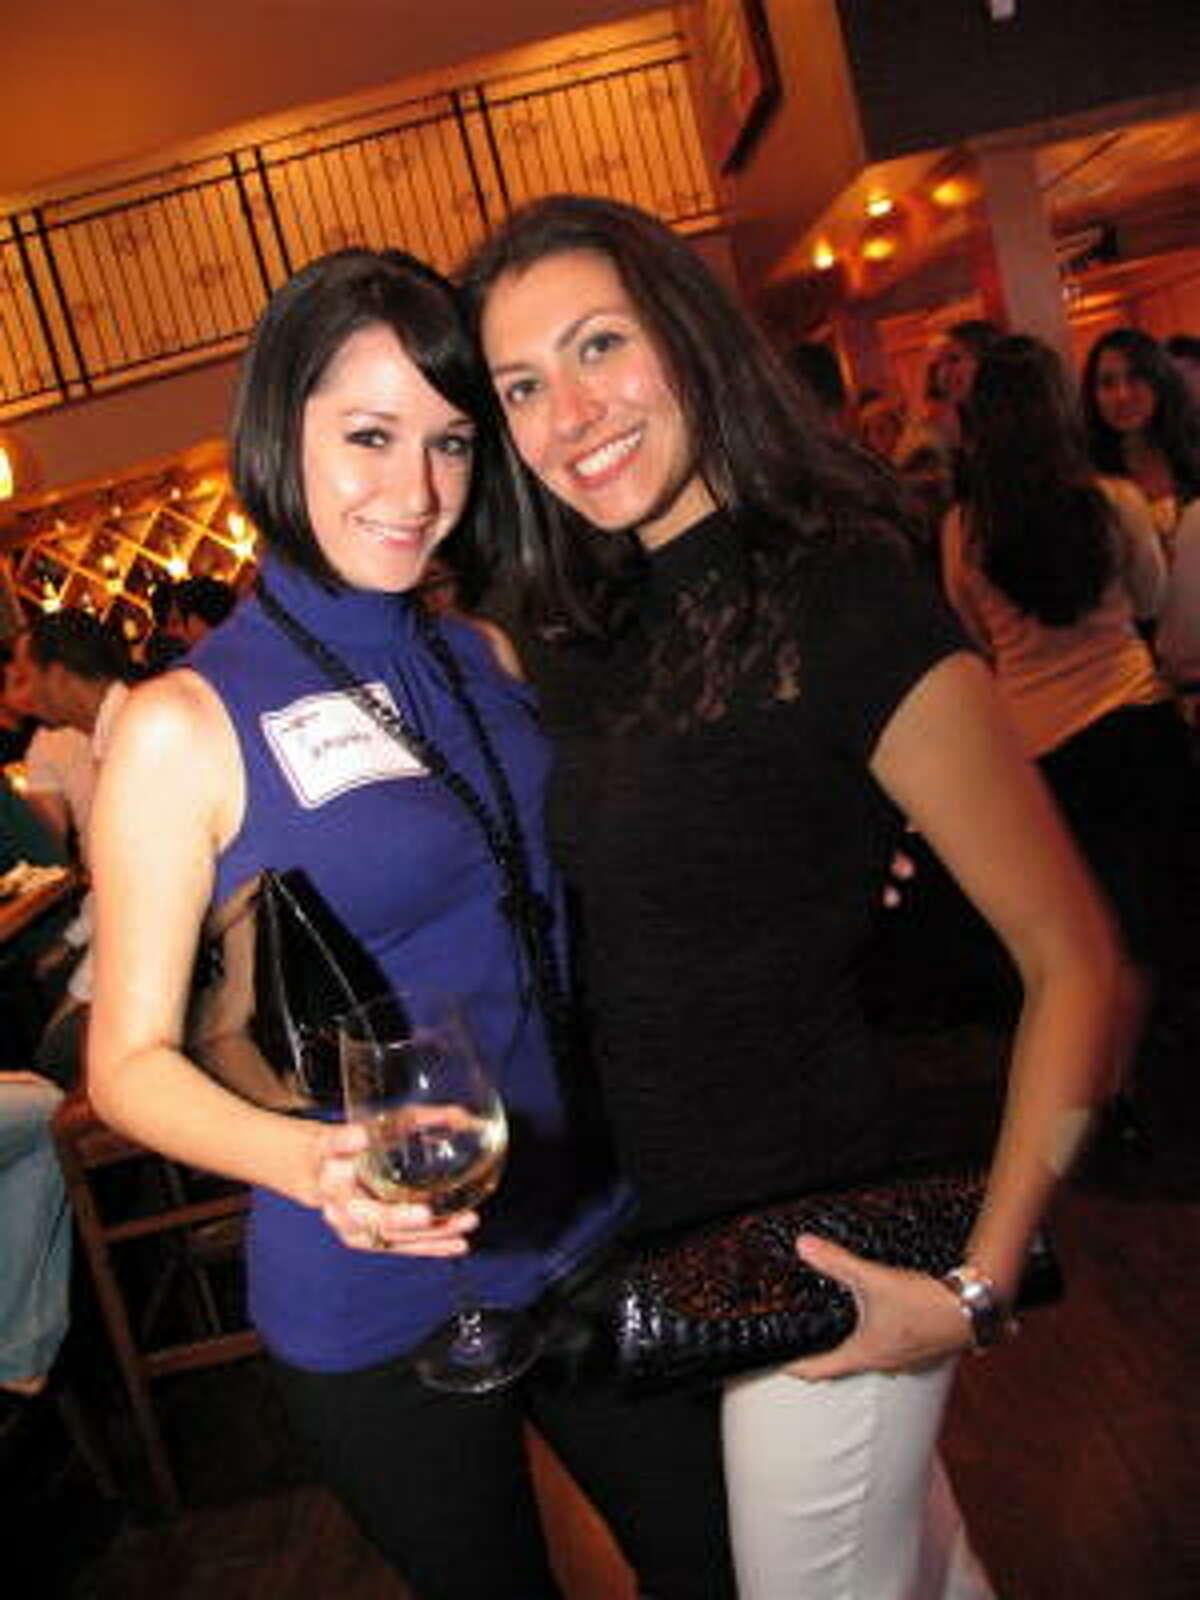 Samantha Pottholl, left, and Lorainne Luera